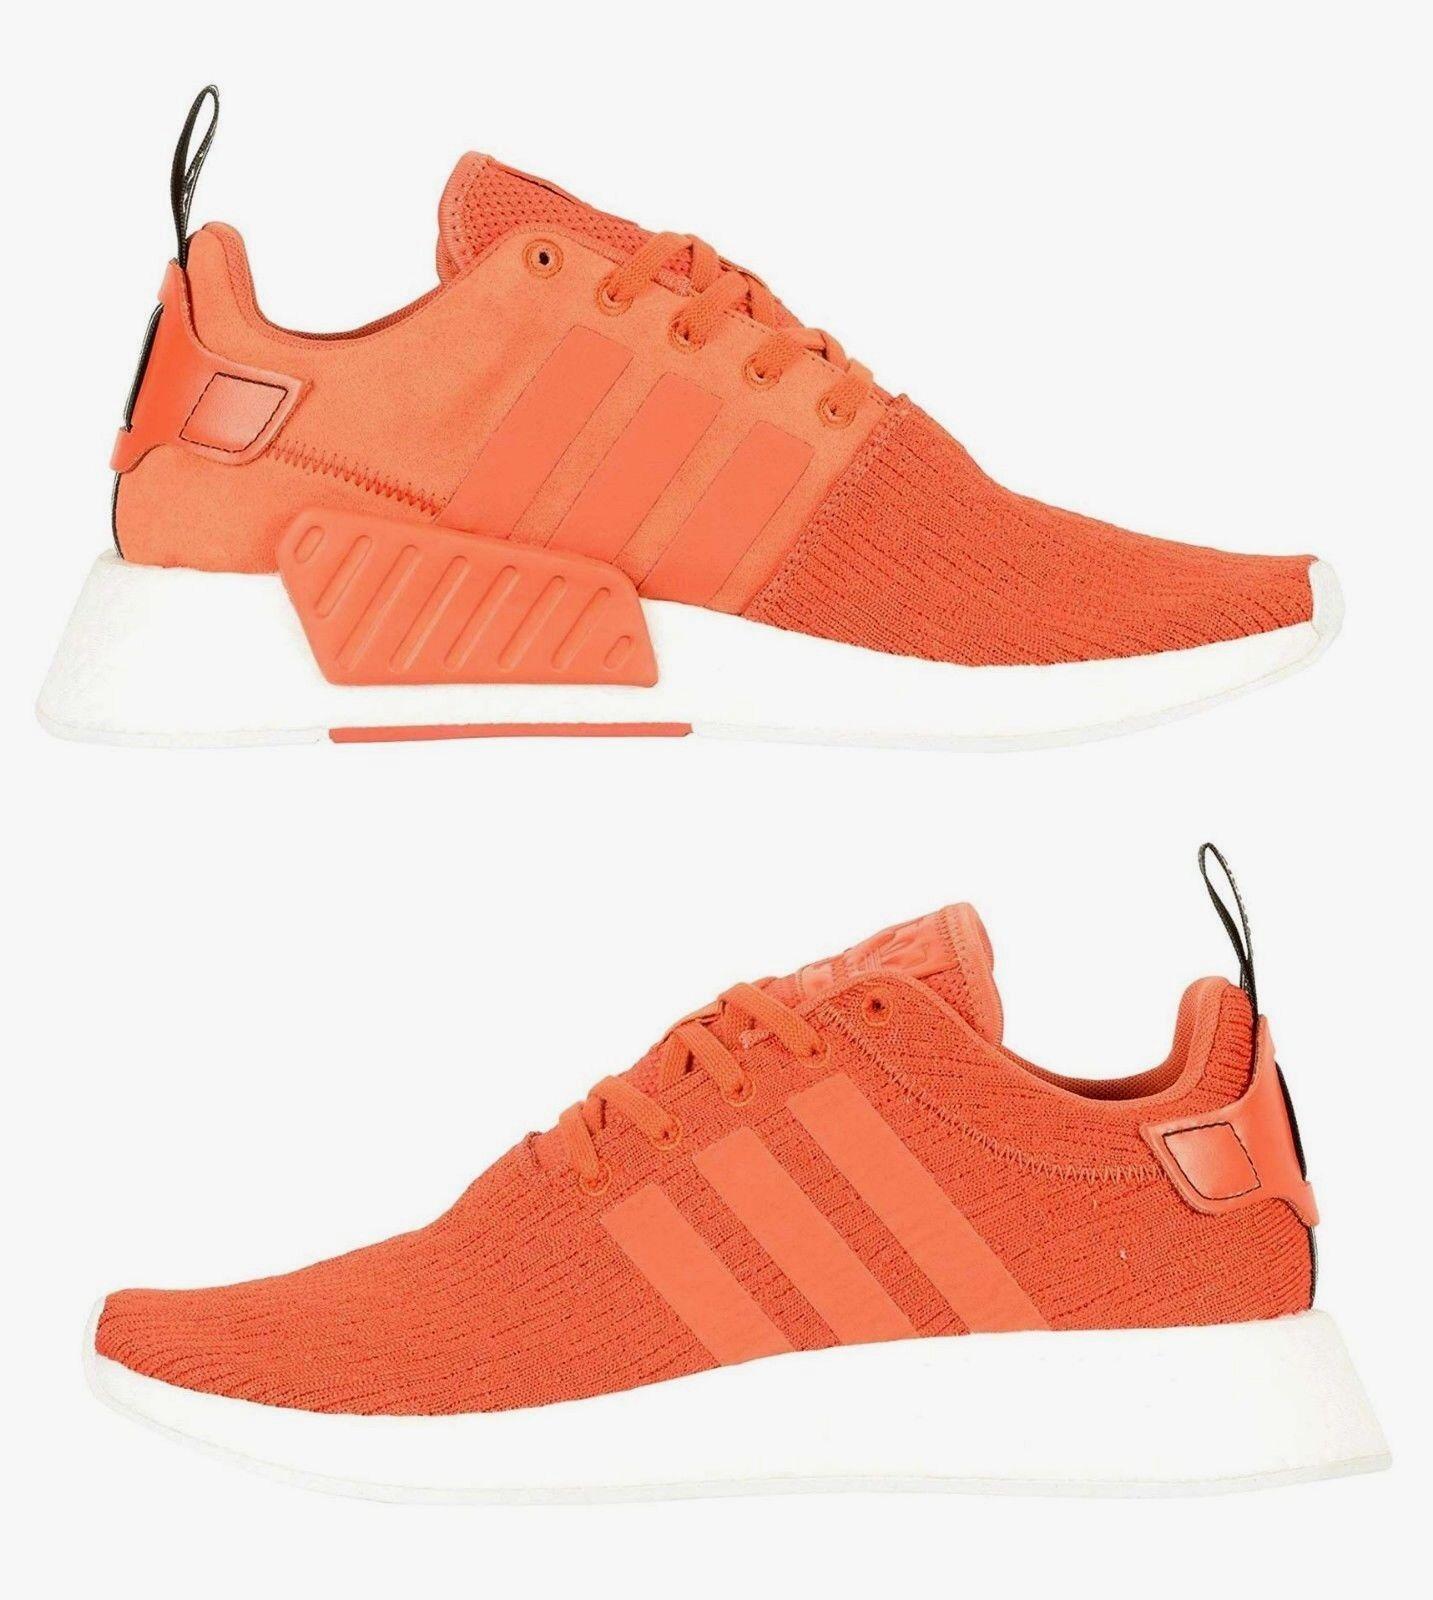 newest b404f 8cf2a Nuevos zapatos atléticos para hombre hombre hombre Adidas Boost NMD R2  Prime Knit Correr Entrenamiento Zapatillas